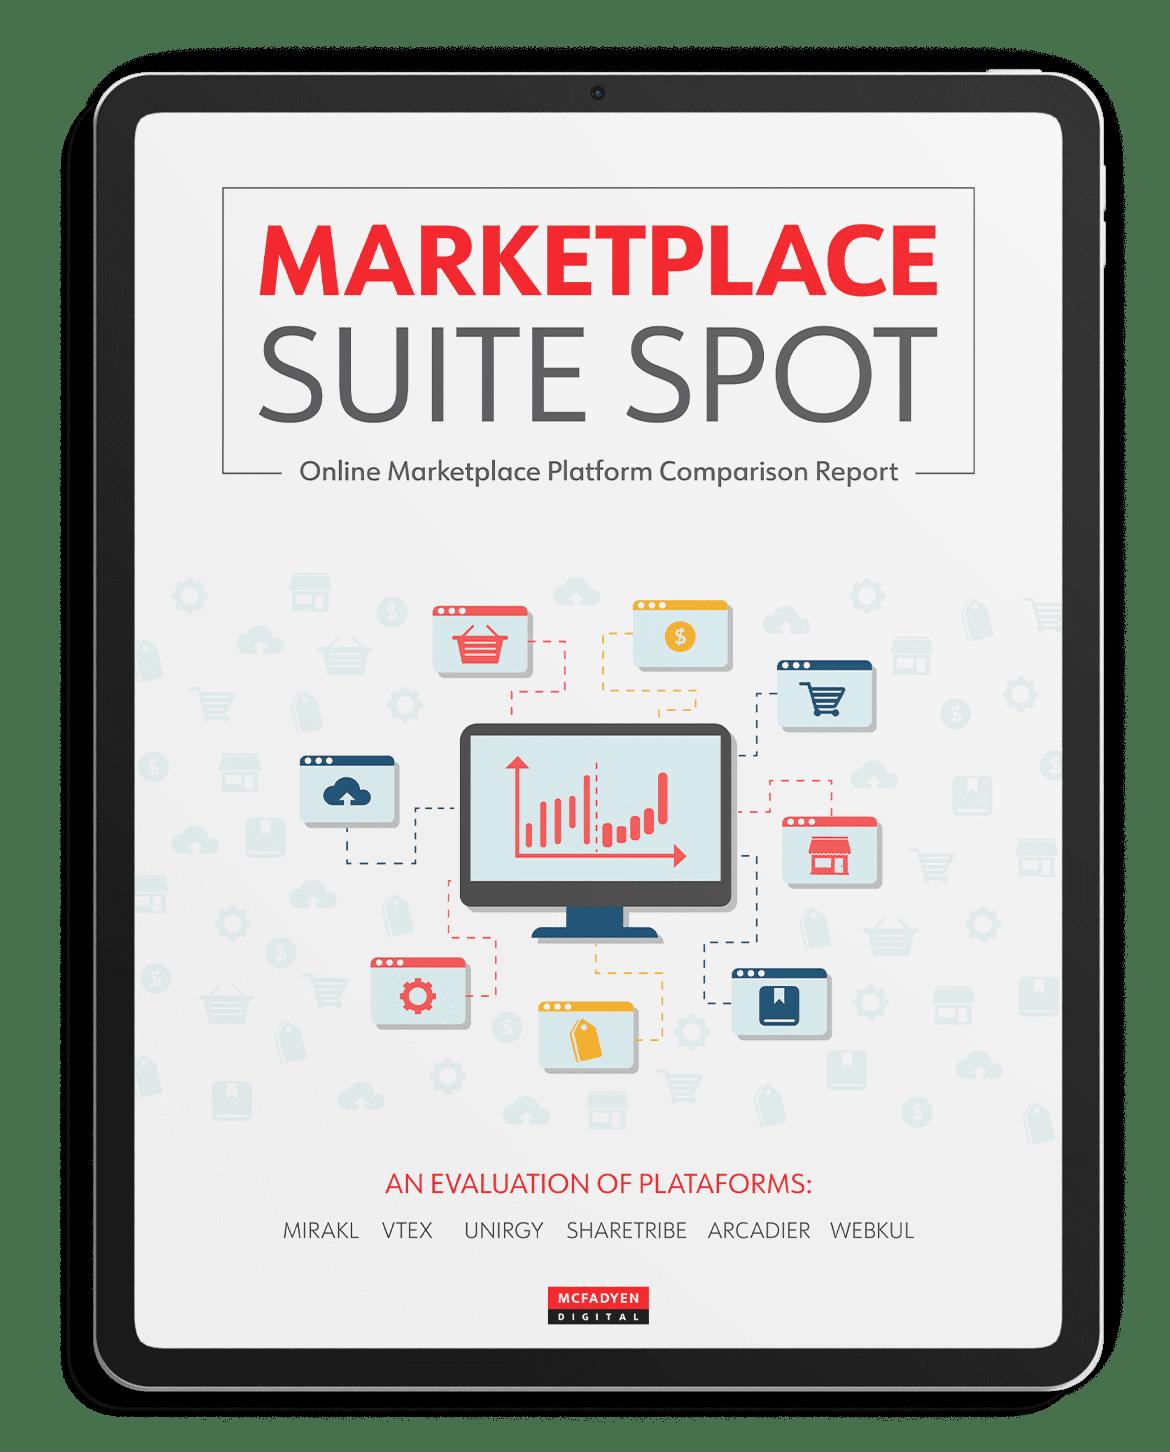 Marketplace Suite Spot Report